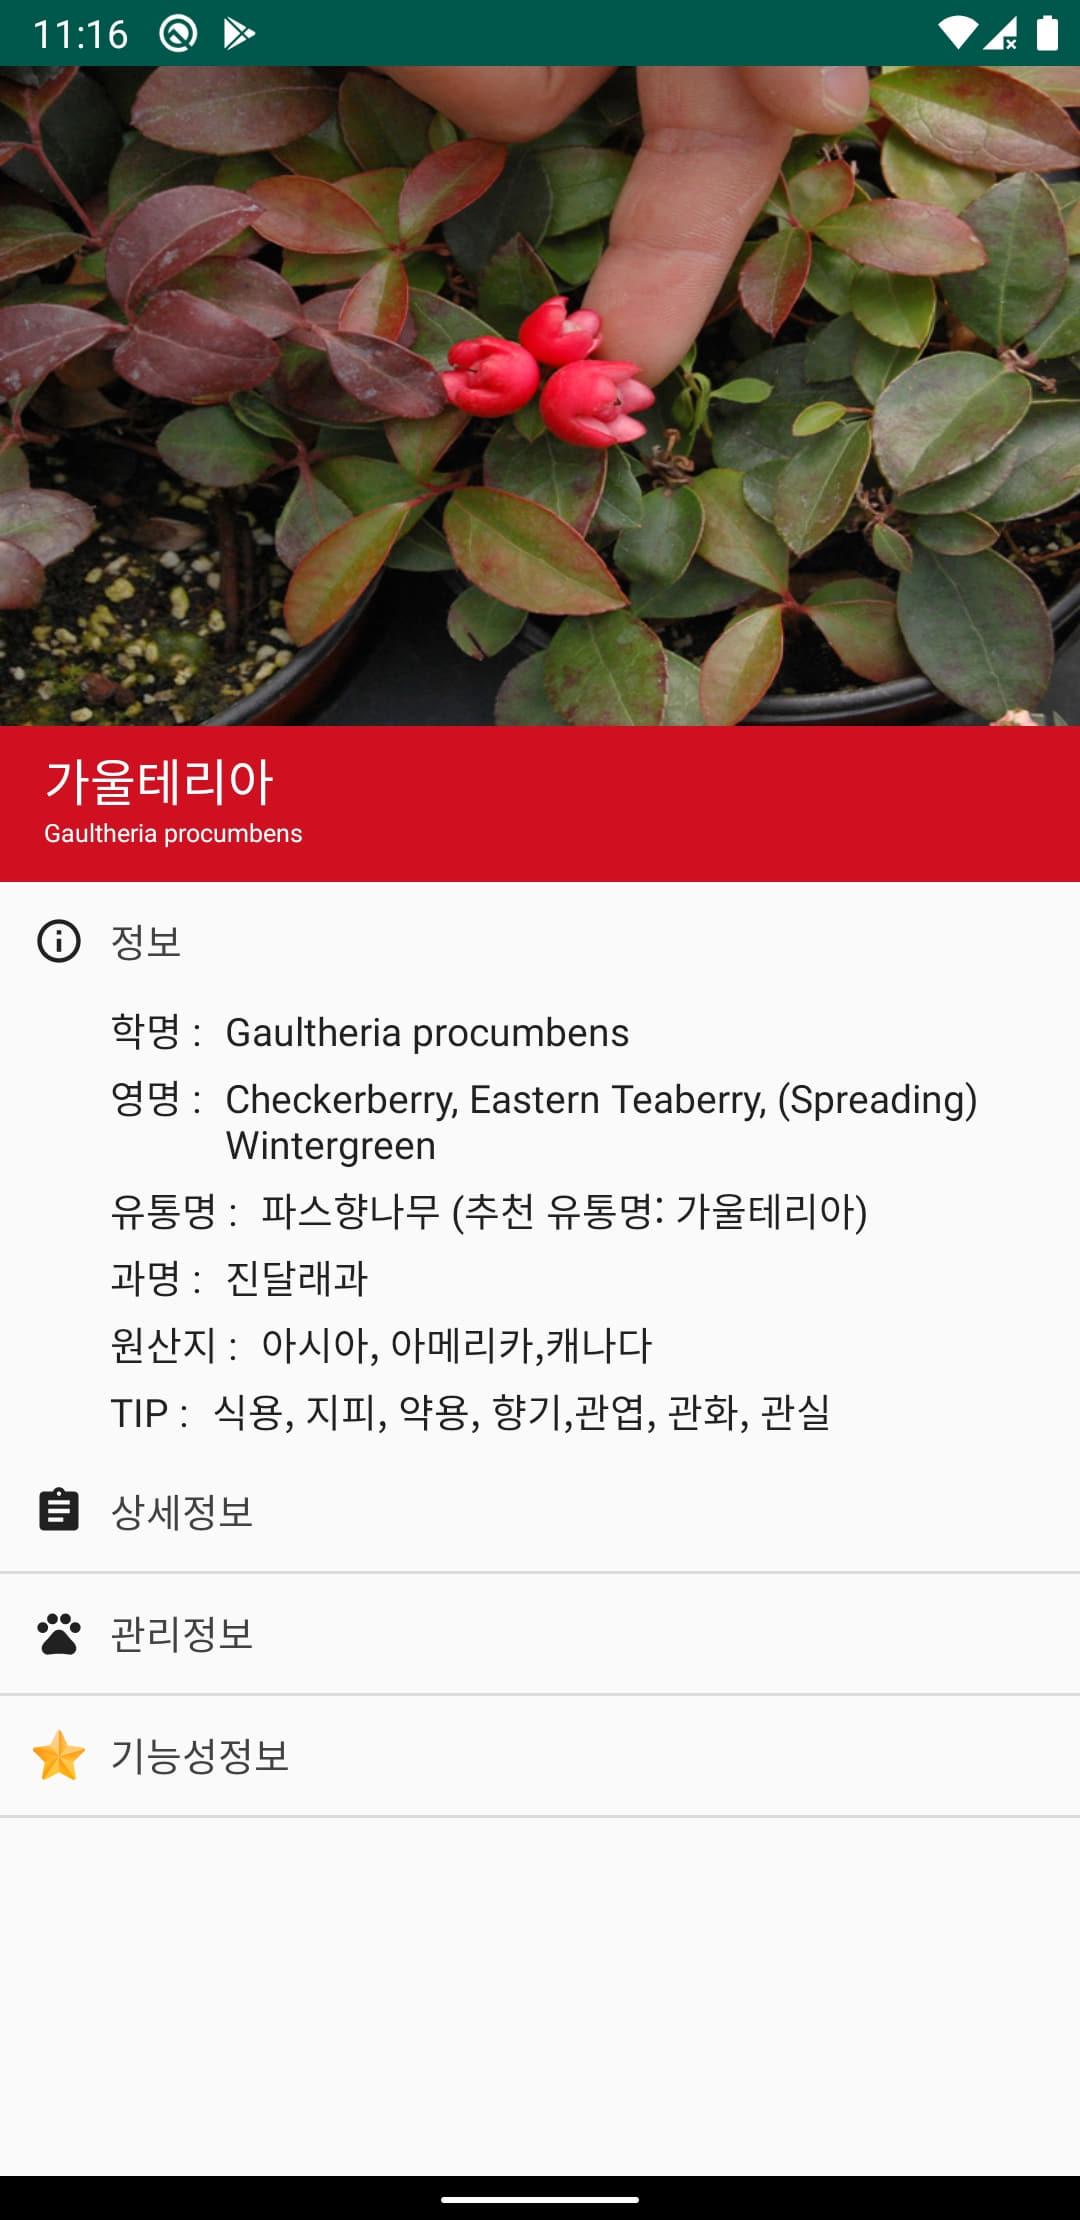 식물 정보 화면